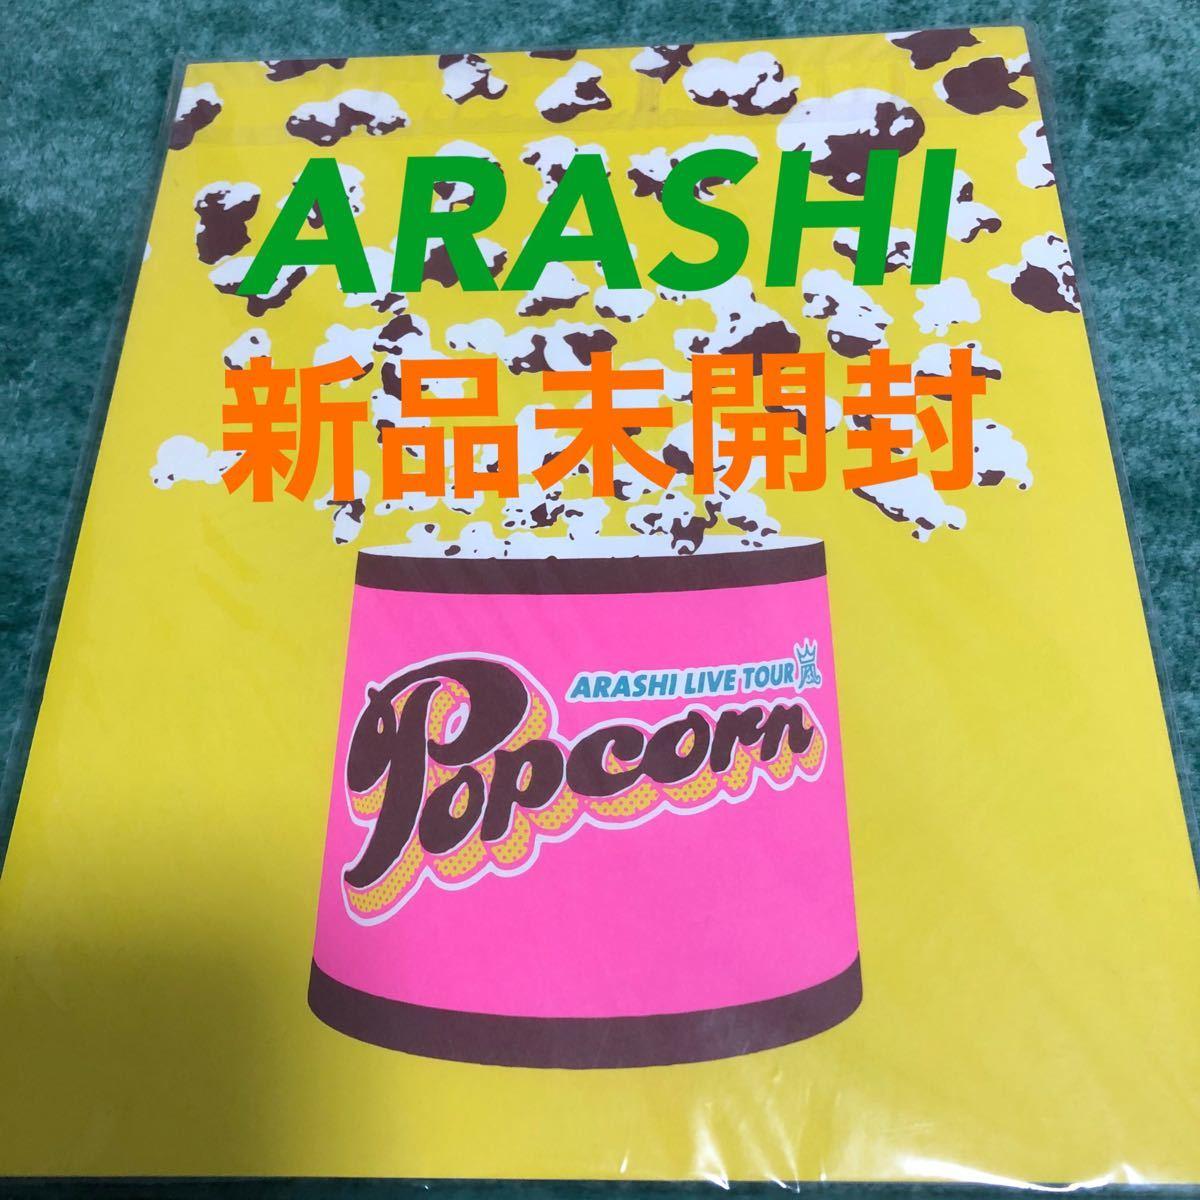 専用ページ  嵐ARASHI Popcorn LIVE TOUR 公式グッズ パンフレット